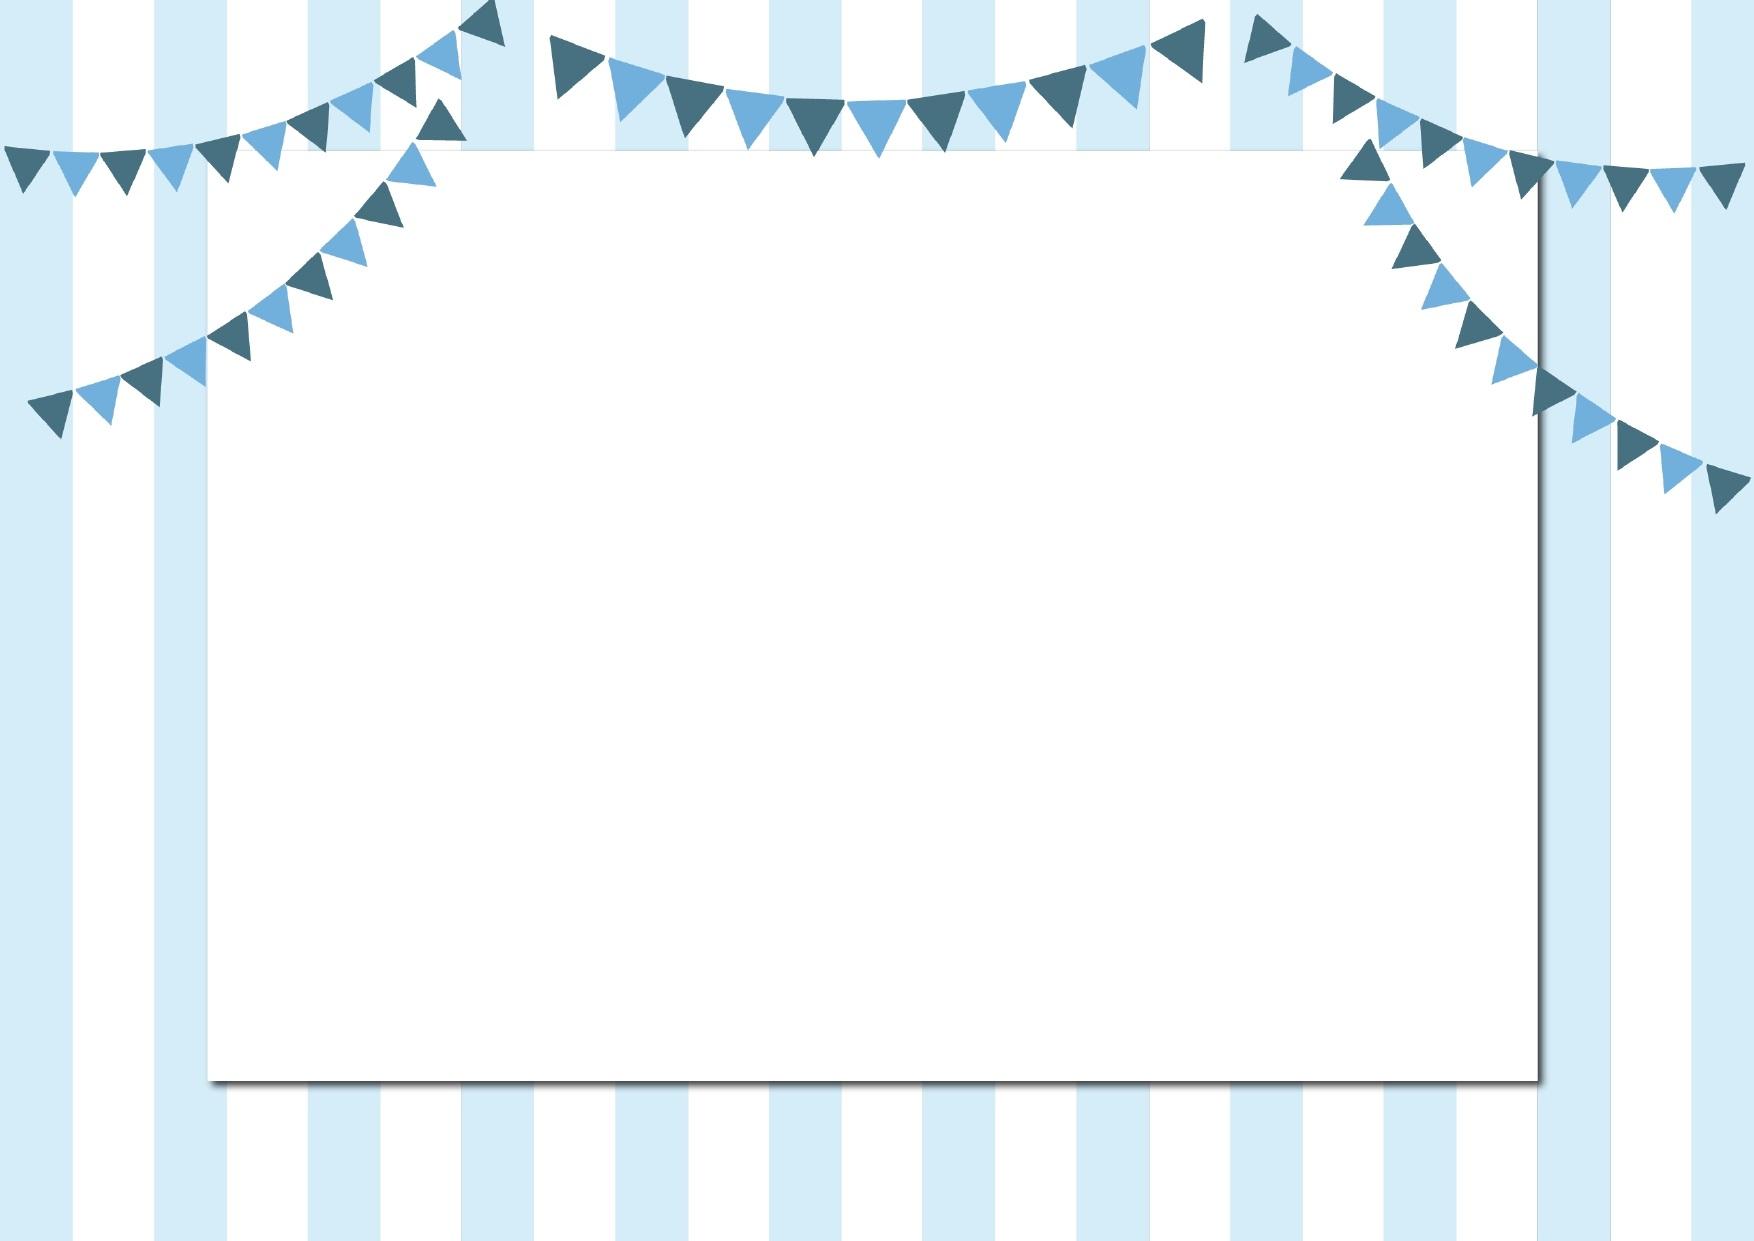 かわいい青色背景のガーランド&ストライプ!フレーム002